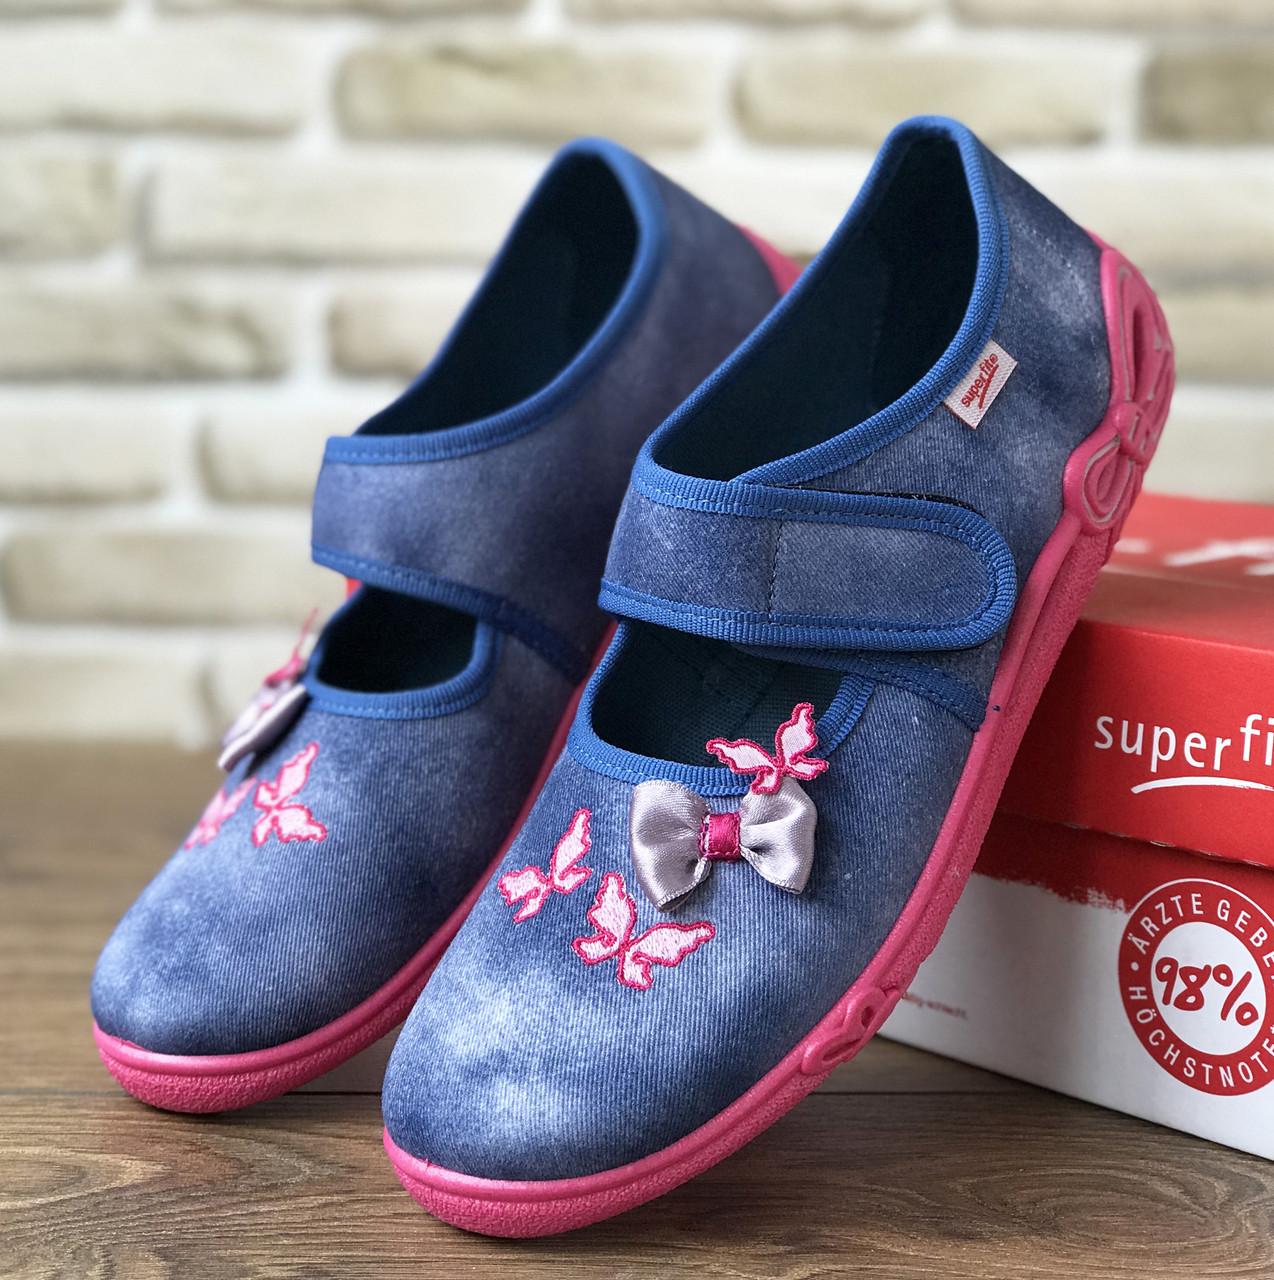 ae4d66f67 Текстильные кеды Superfit (Австрия, р 35. Обувь для девочки, фирменная детская  обувь